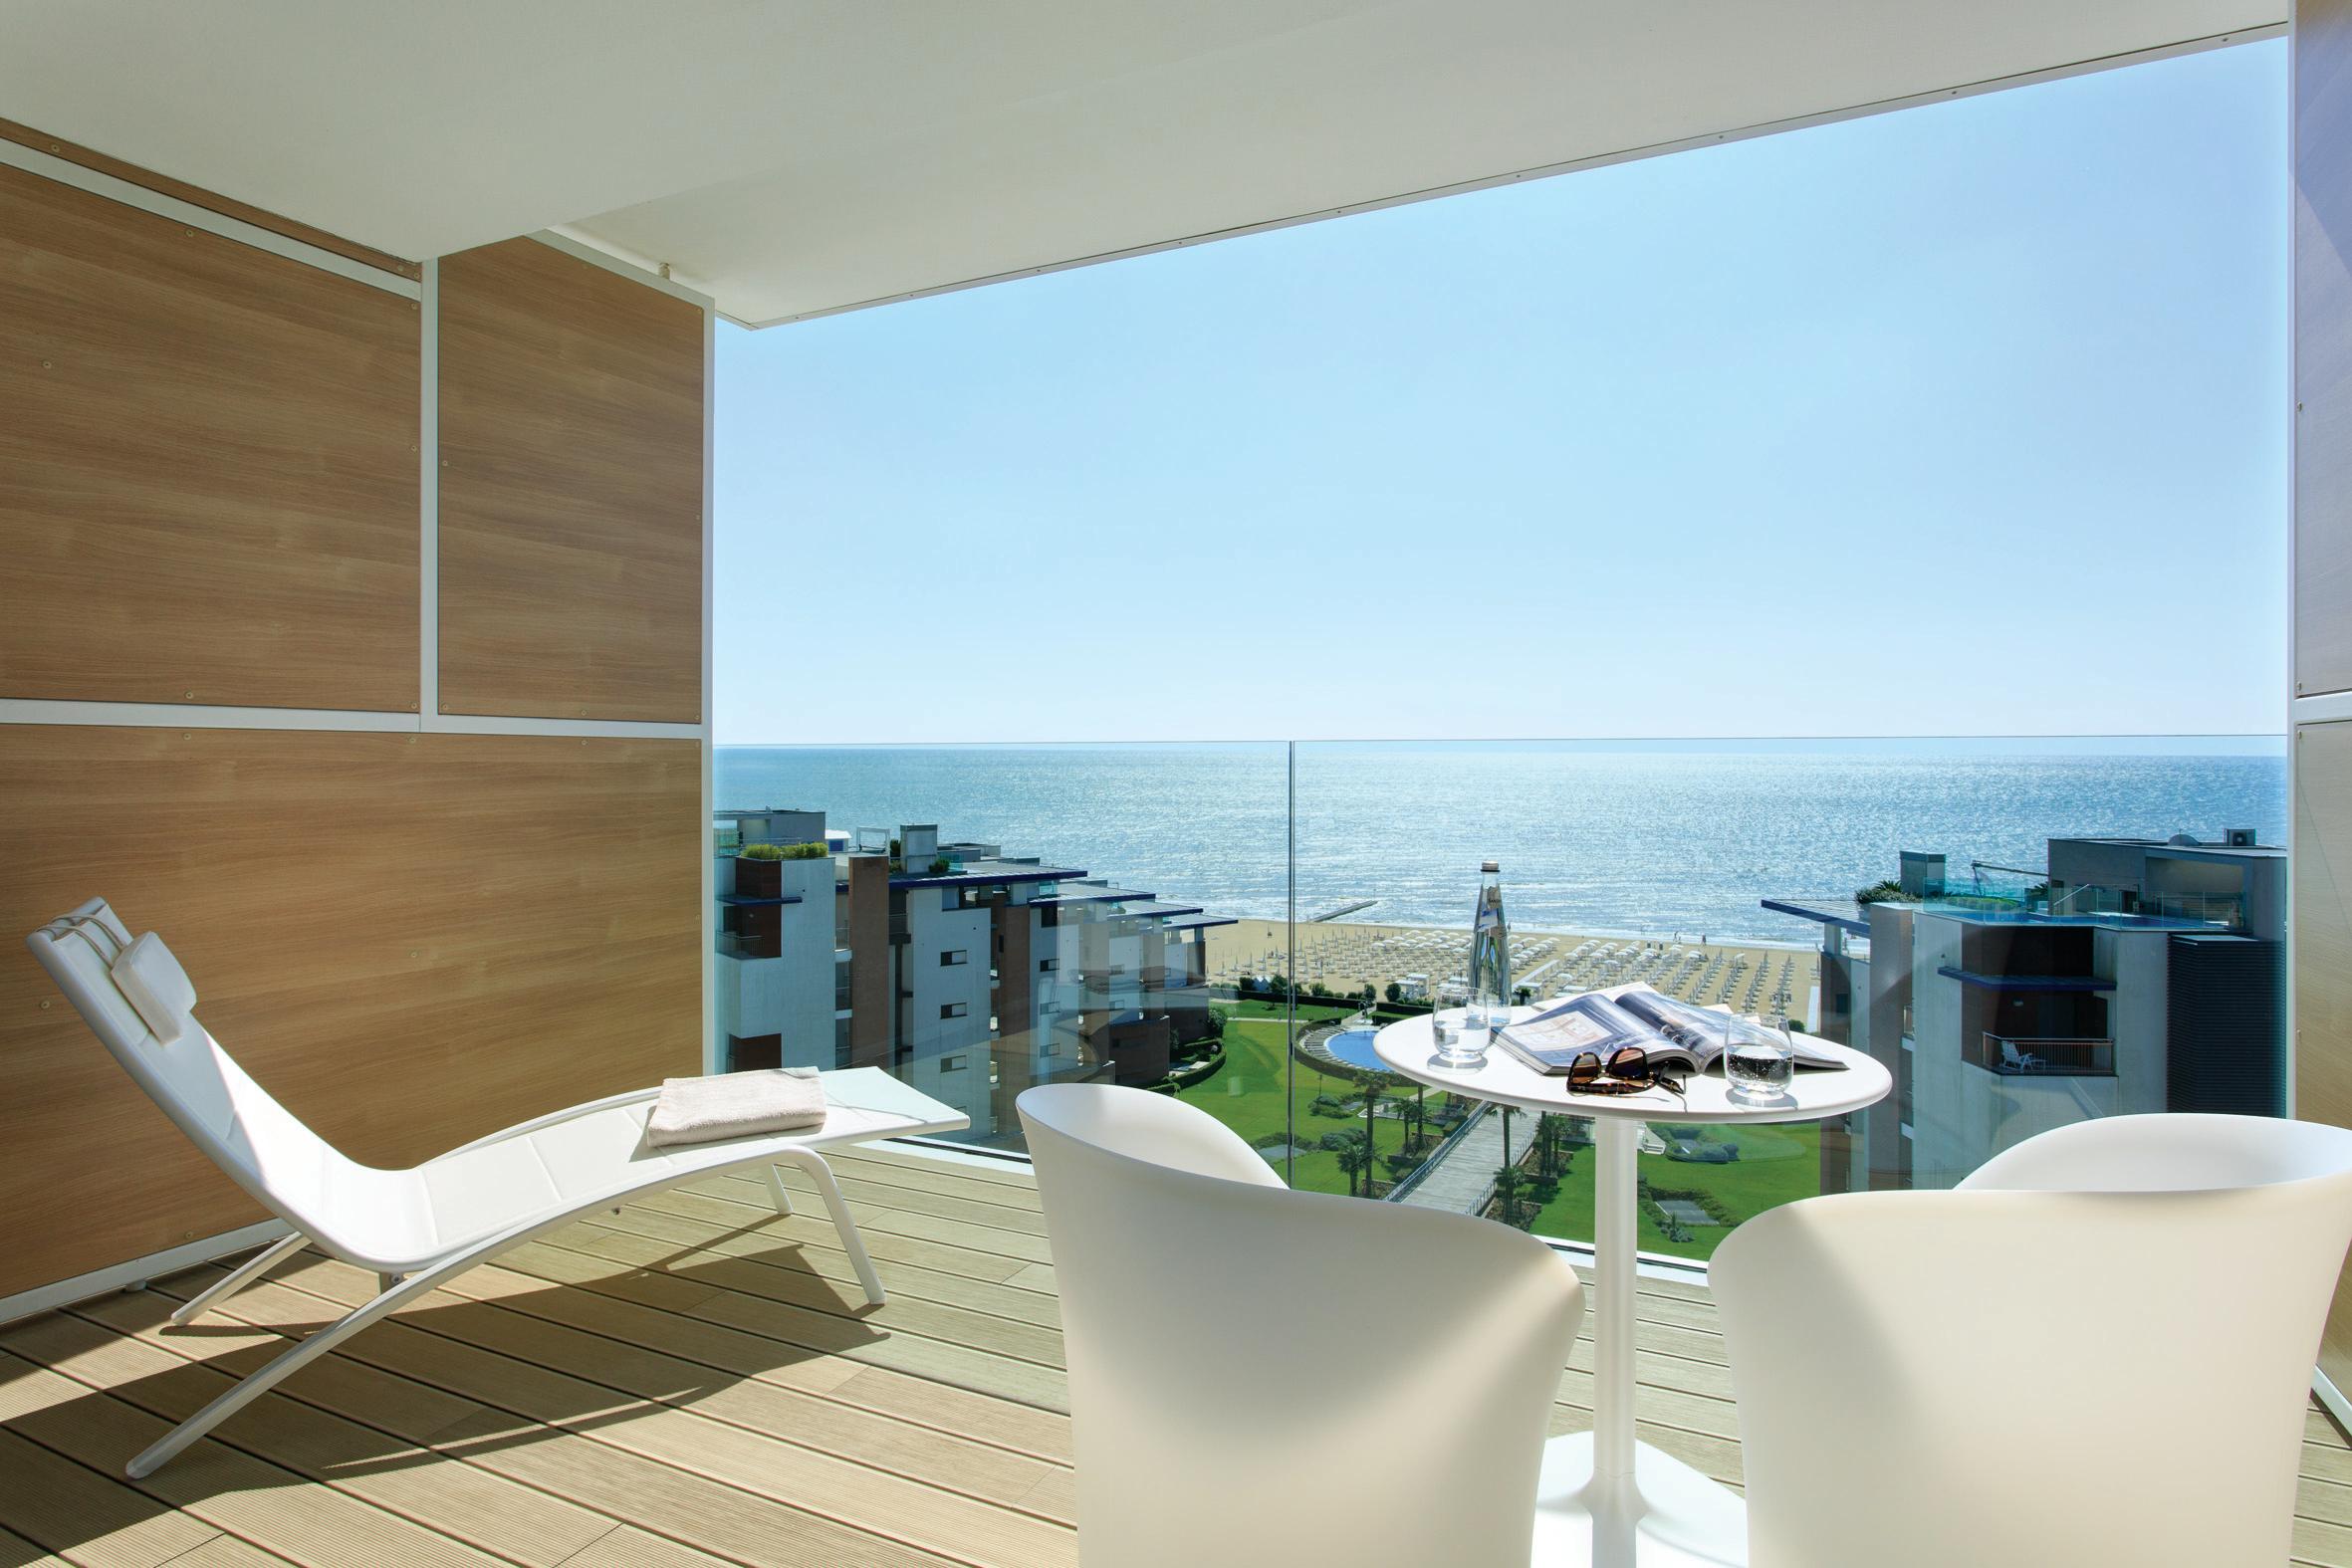 La migliore Resort Spa italiana 2019 è Almablu Wellness & Spa